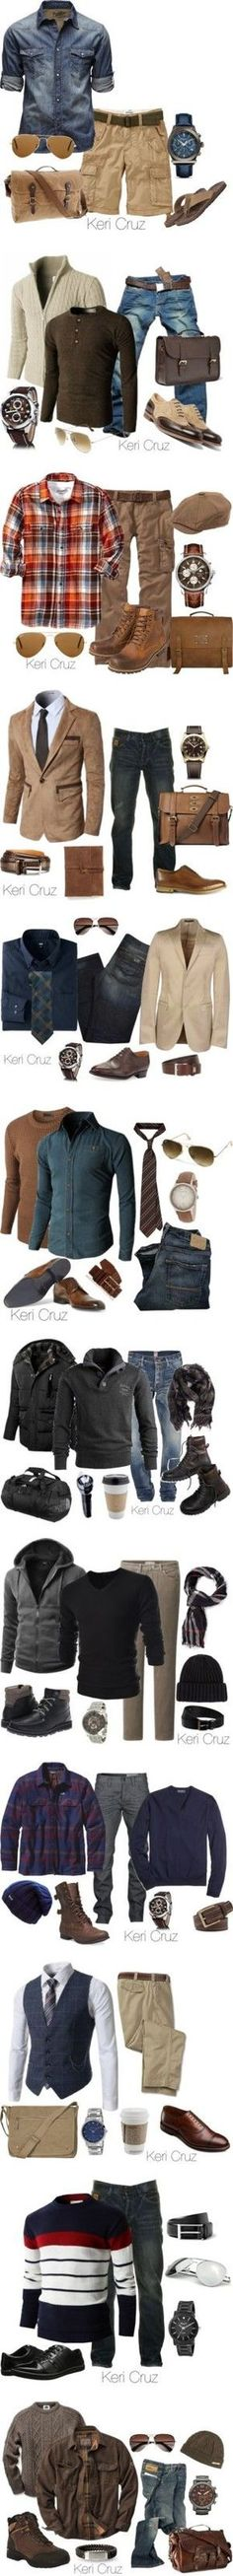 Mens Fashion Sets